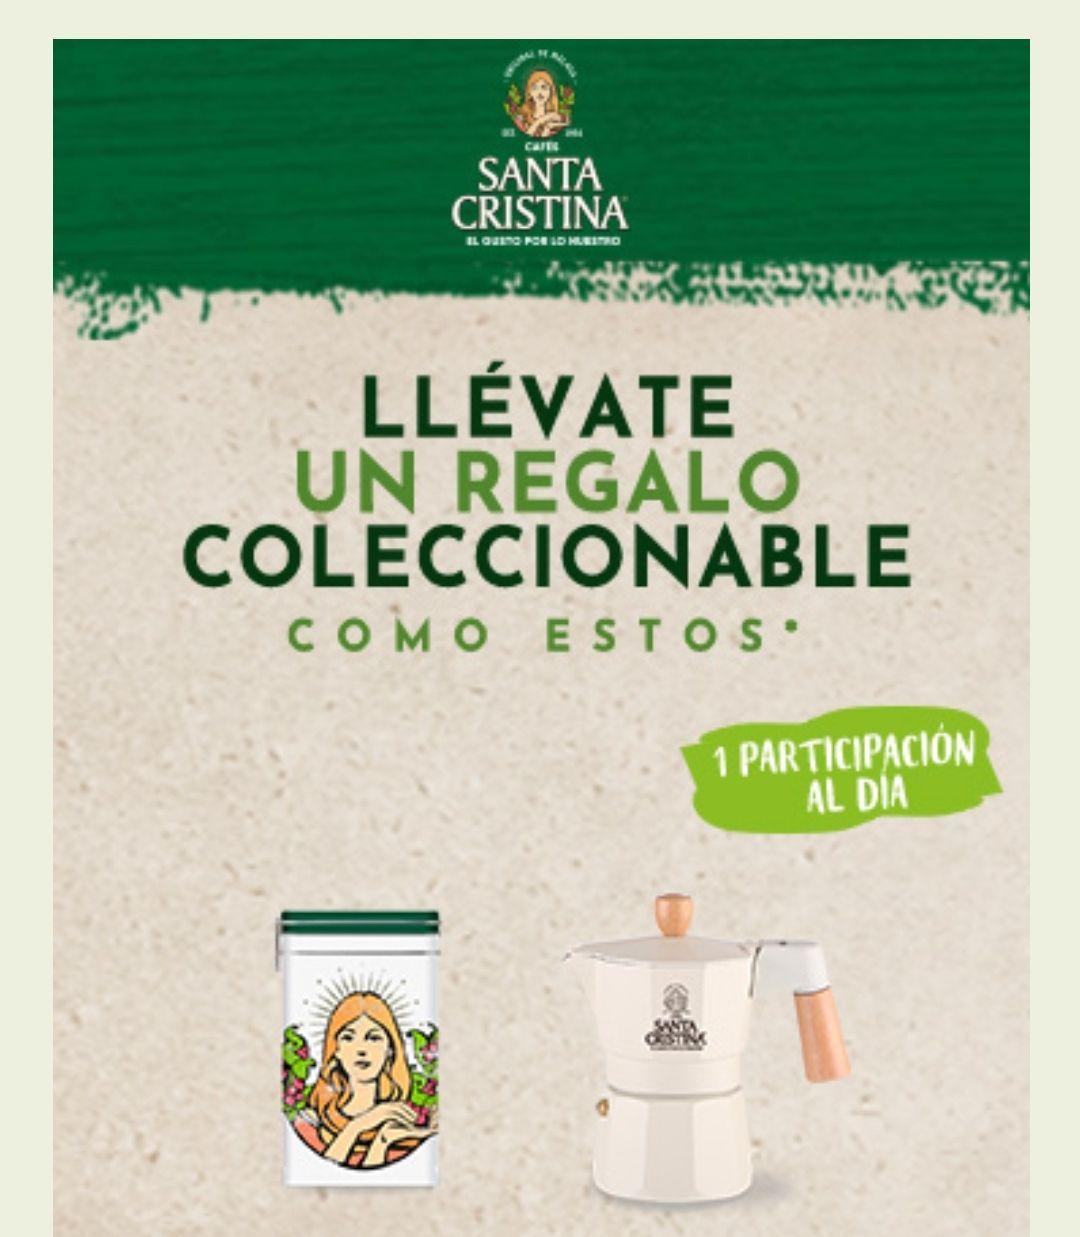 Un regalo coleccionable Cafés Santa Cristina, Los primeros se llevarán los regalos de forma segura, sin sorteos